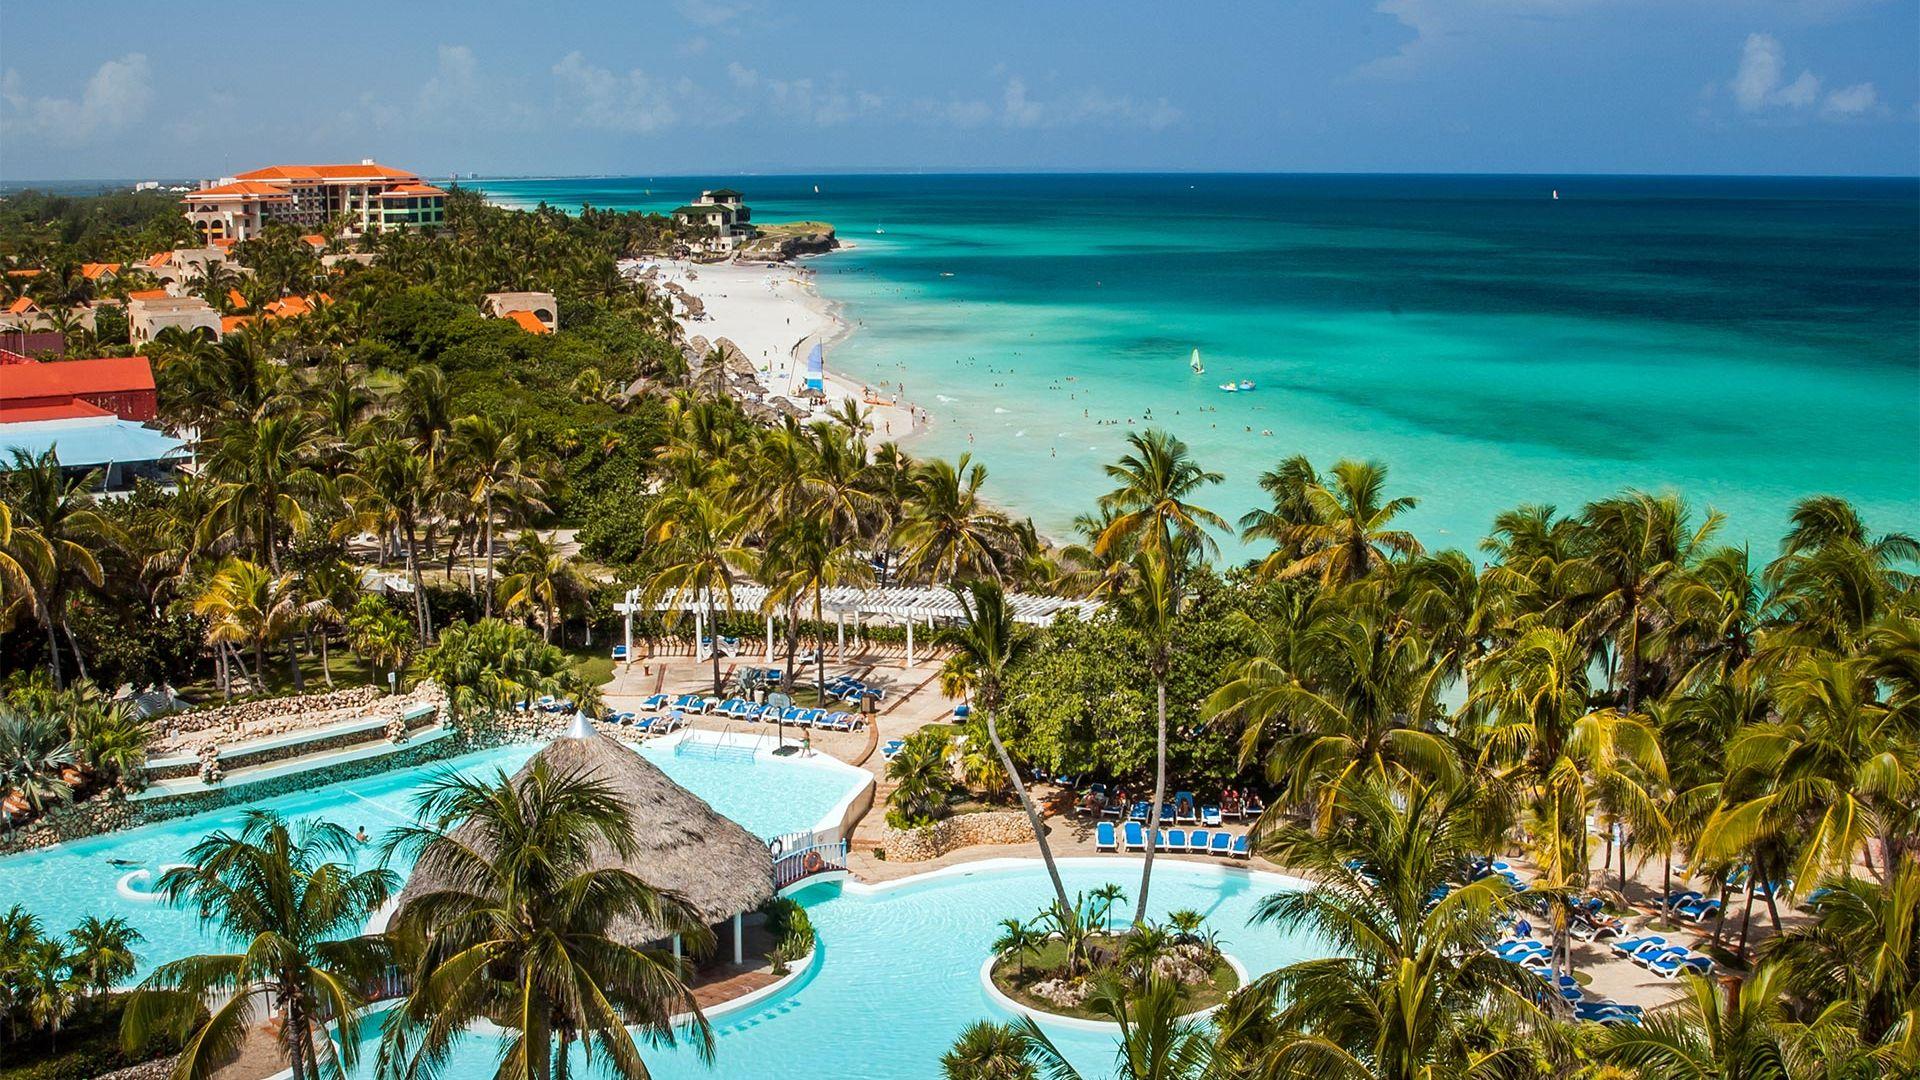 Sejur plaja Varadero, Cuba, 9 zile - noiembrie 2021